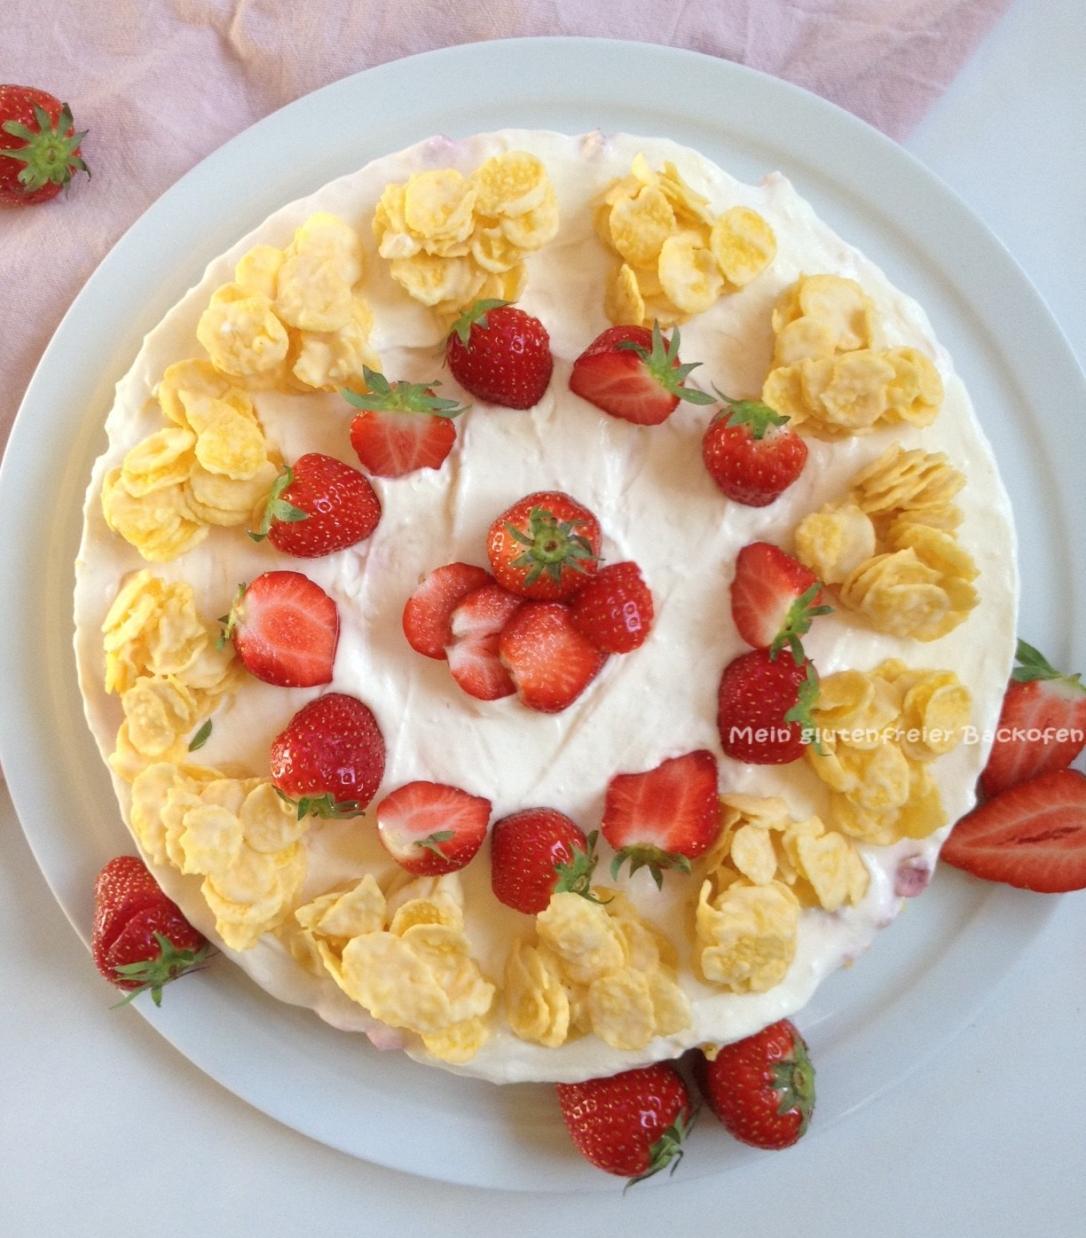 cornflakes-frischkc3a4se-torte-1.jpg